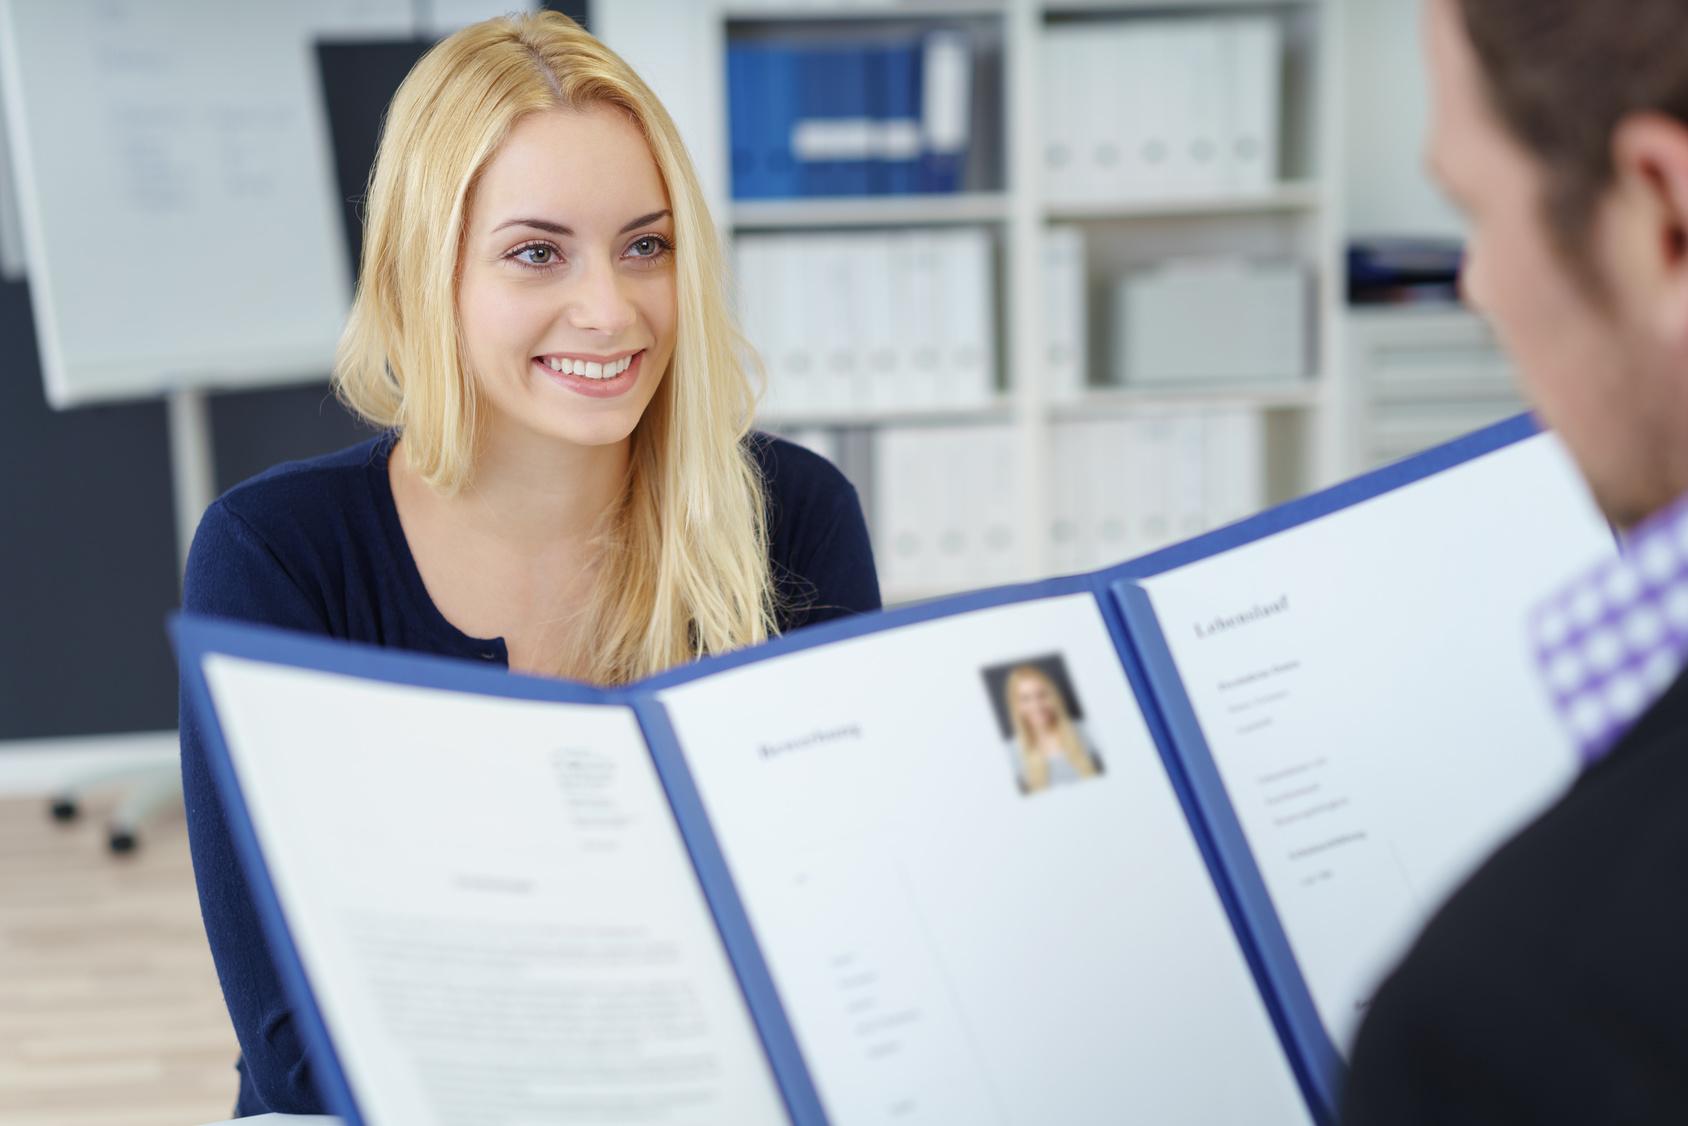 Hartz IV Immer mehr Chancen für Langzeitarbeitslose